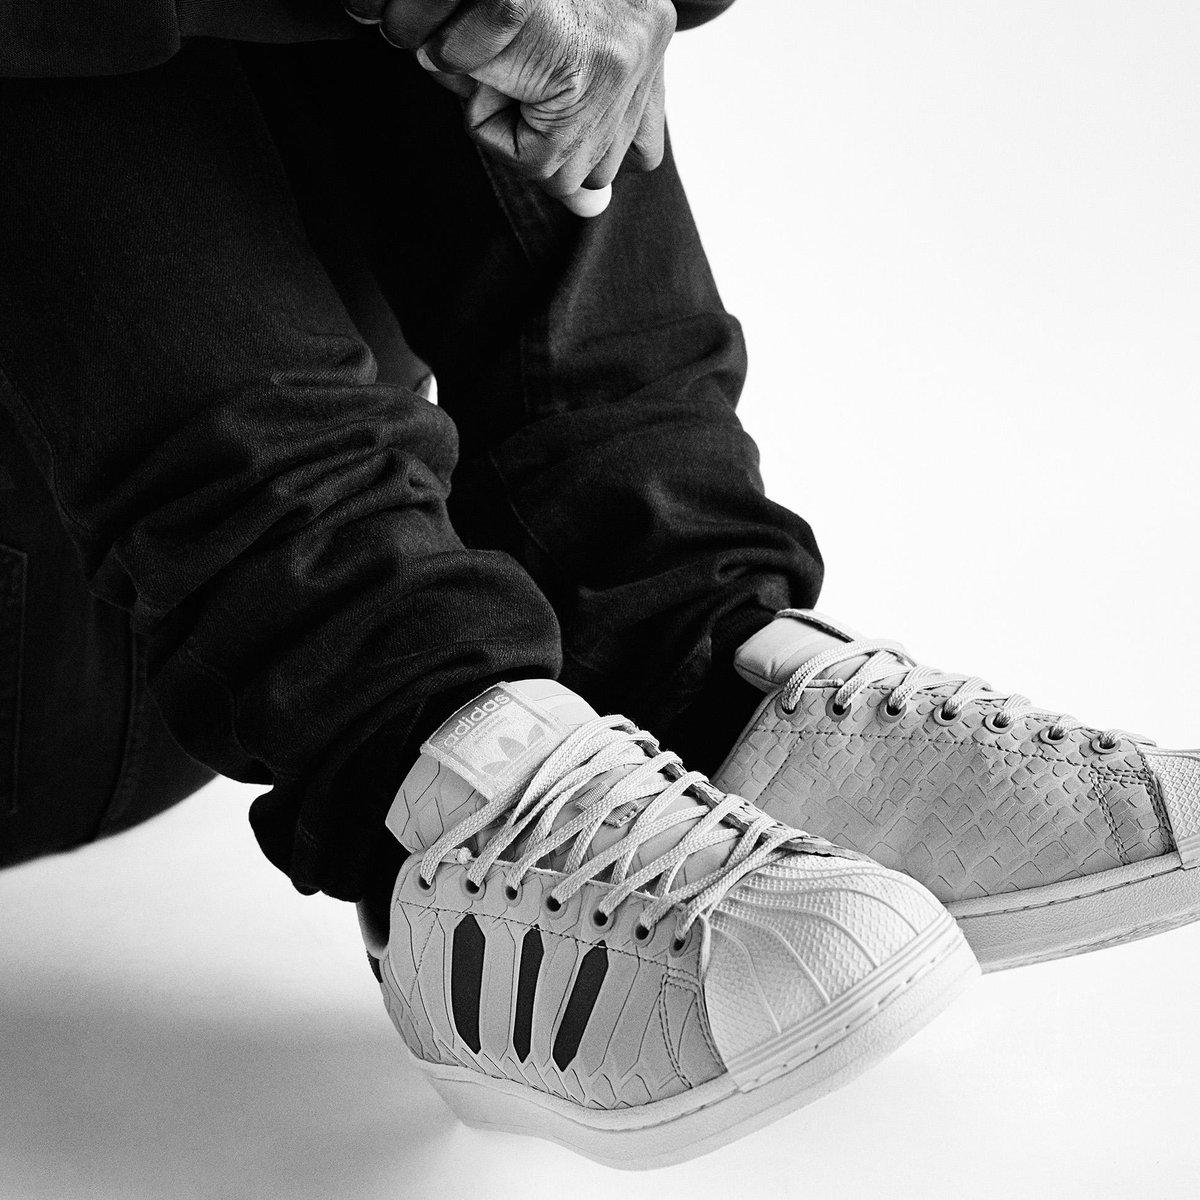 watch a5398 9a82e adidas Originals on Twitter: